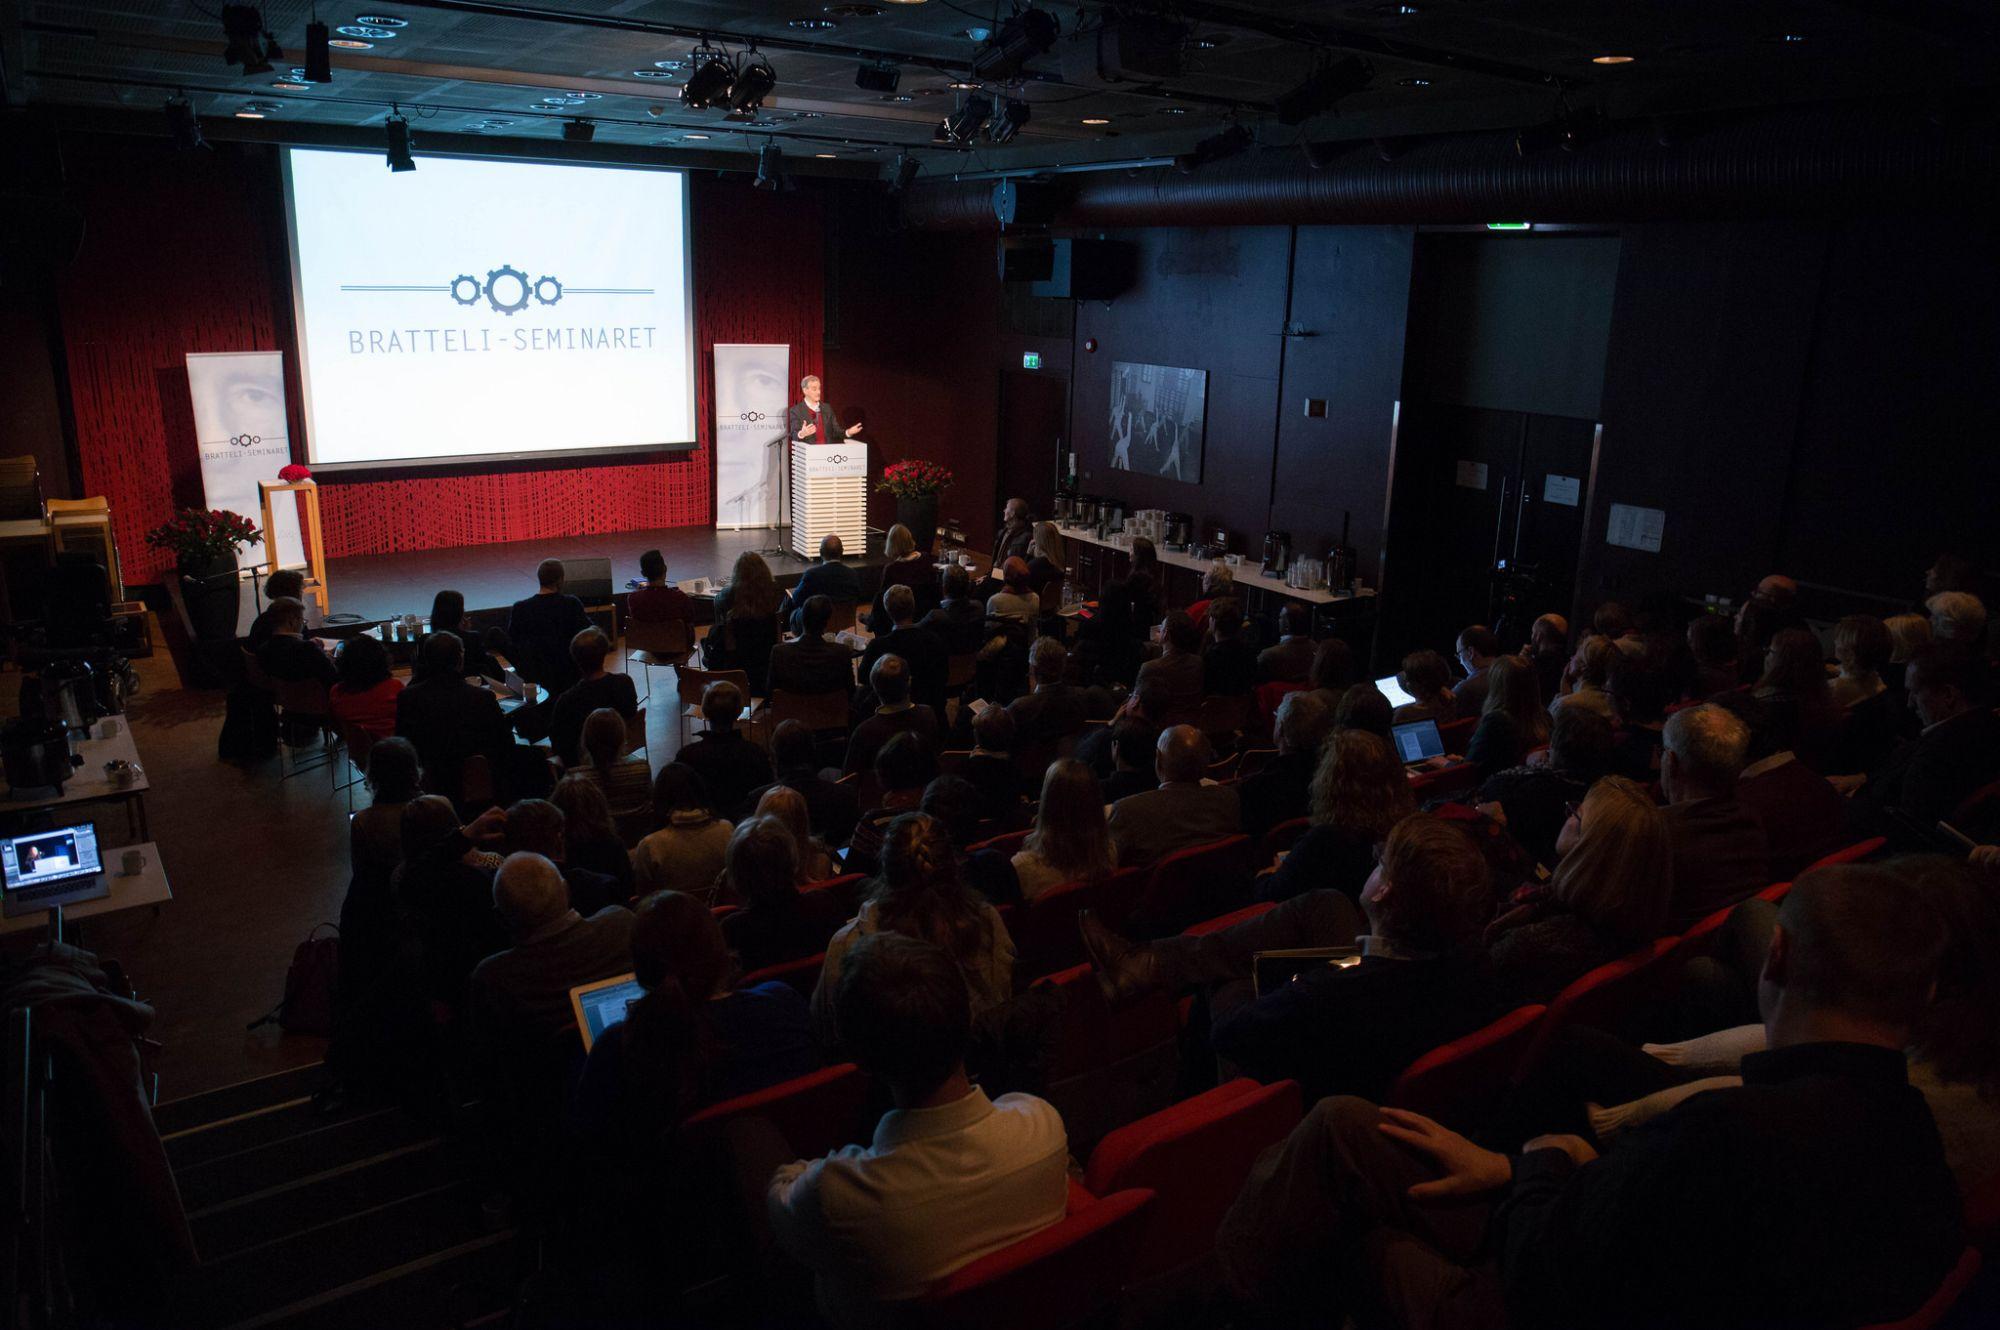 Bratteli-seminaret 2016 - Jonas Gahr Støre på scenen og publikum